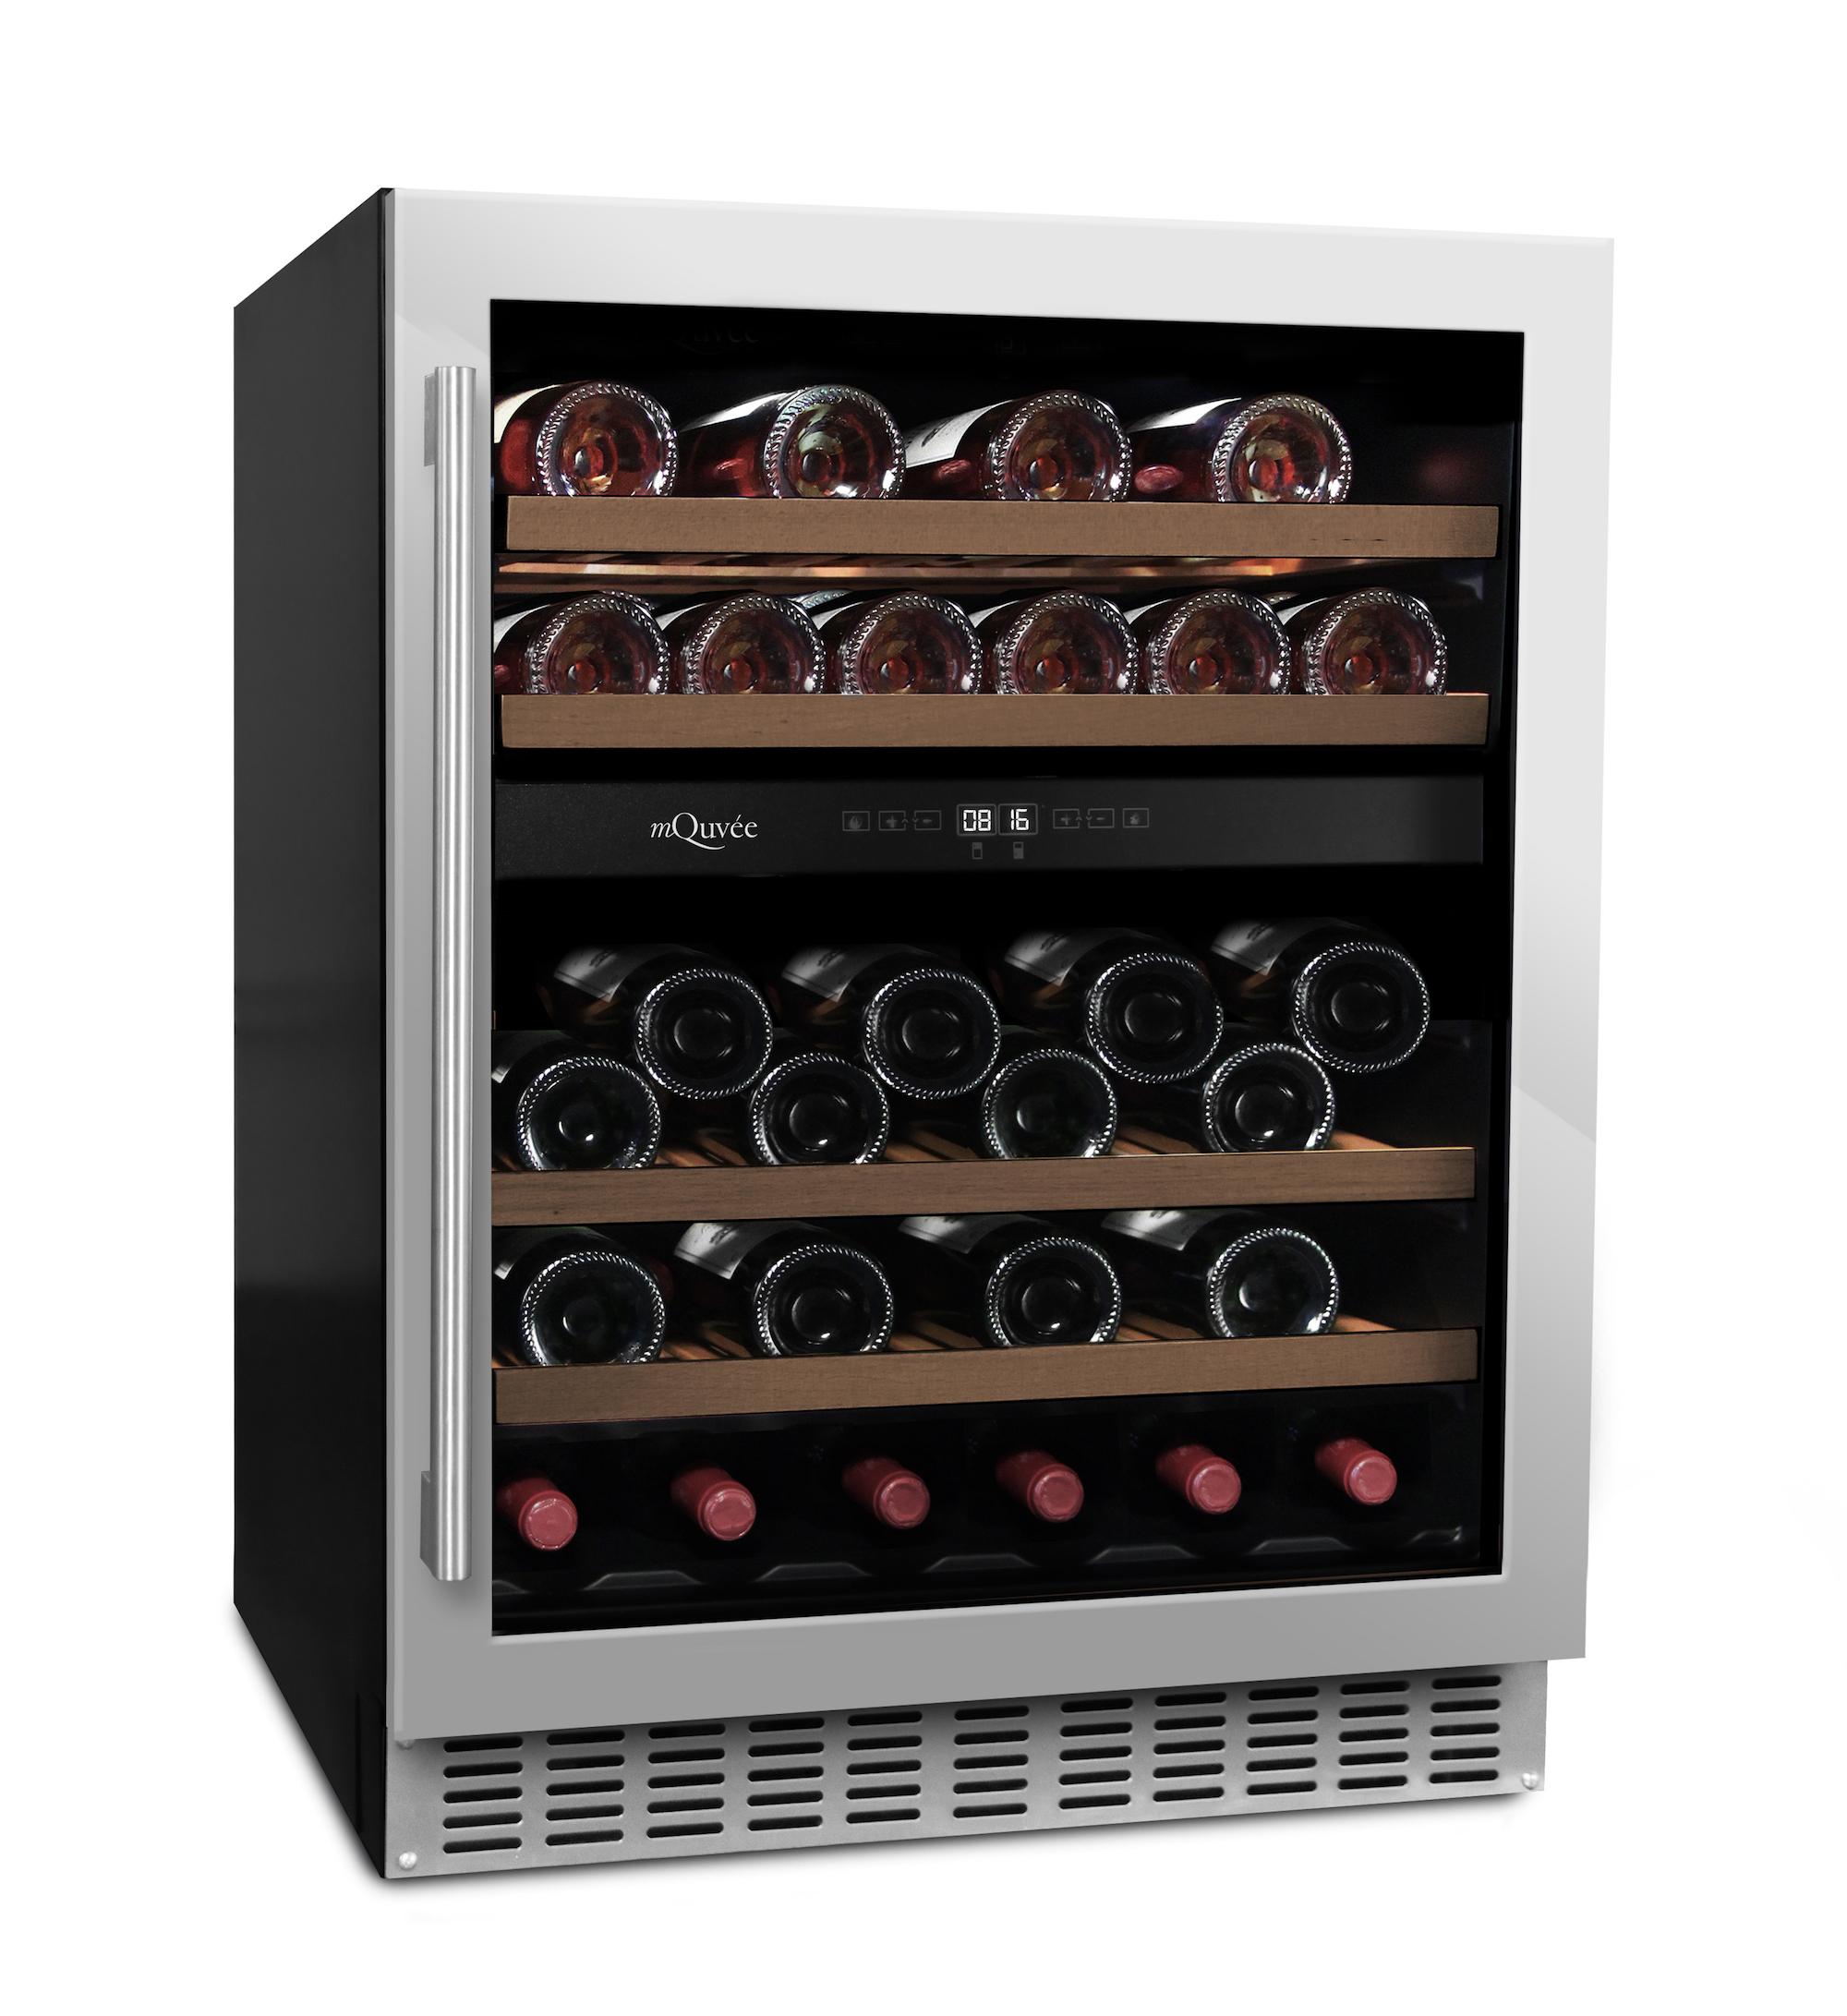 Inbyggbar rostfri vinkyl från mQuvee med plats till 45 flaskor